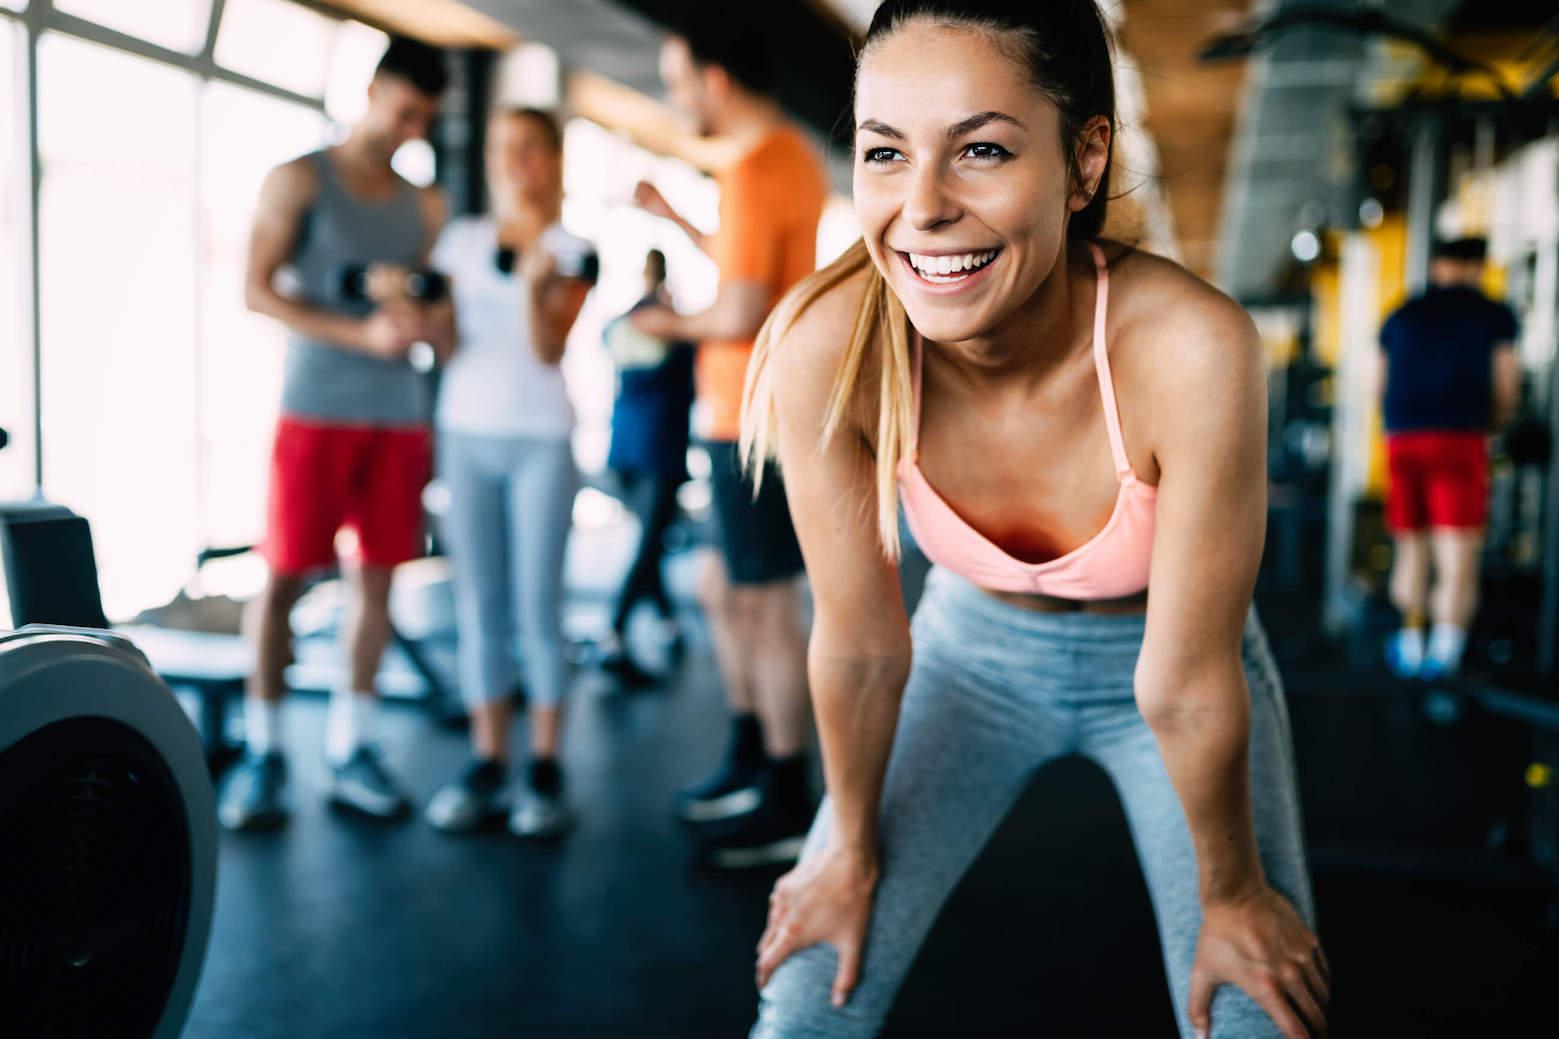 Eten en sporten: wat kan je het beste eten voor en na het sporten?